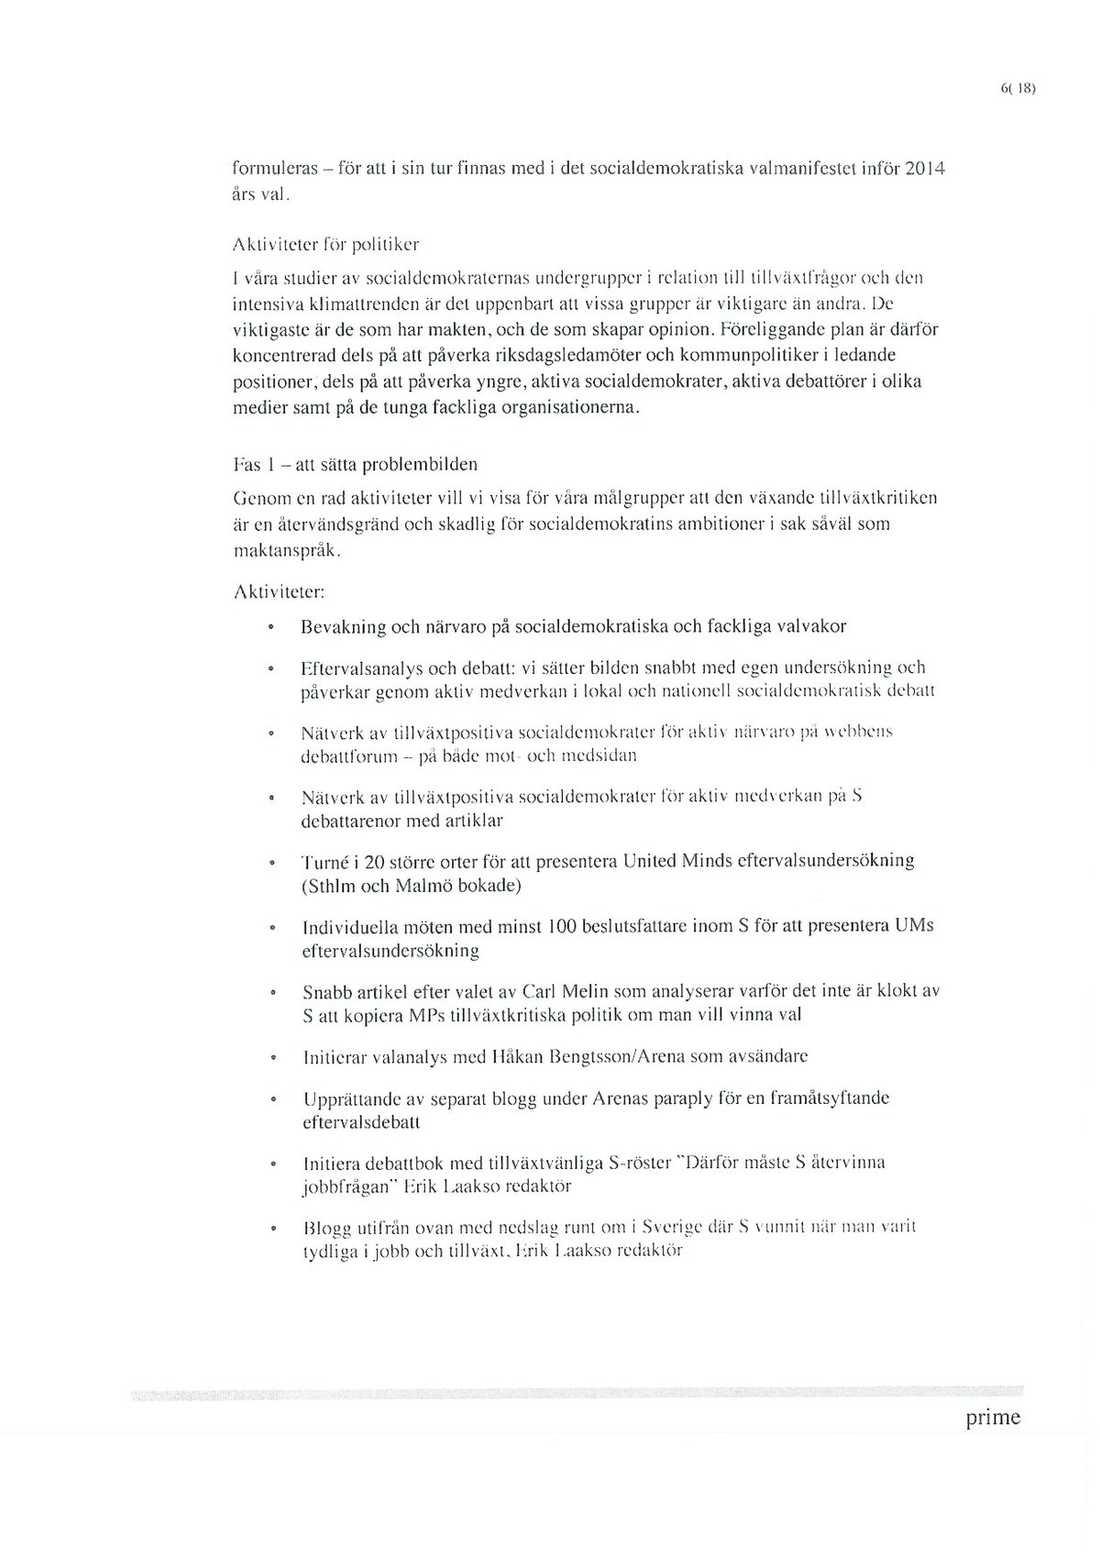 Här är dokumenten som visar hur näringslivet vill styra Socialdemokraterna högerut. Klicka för större version.